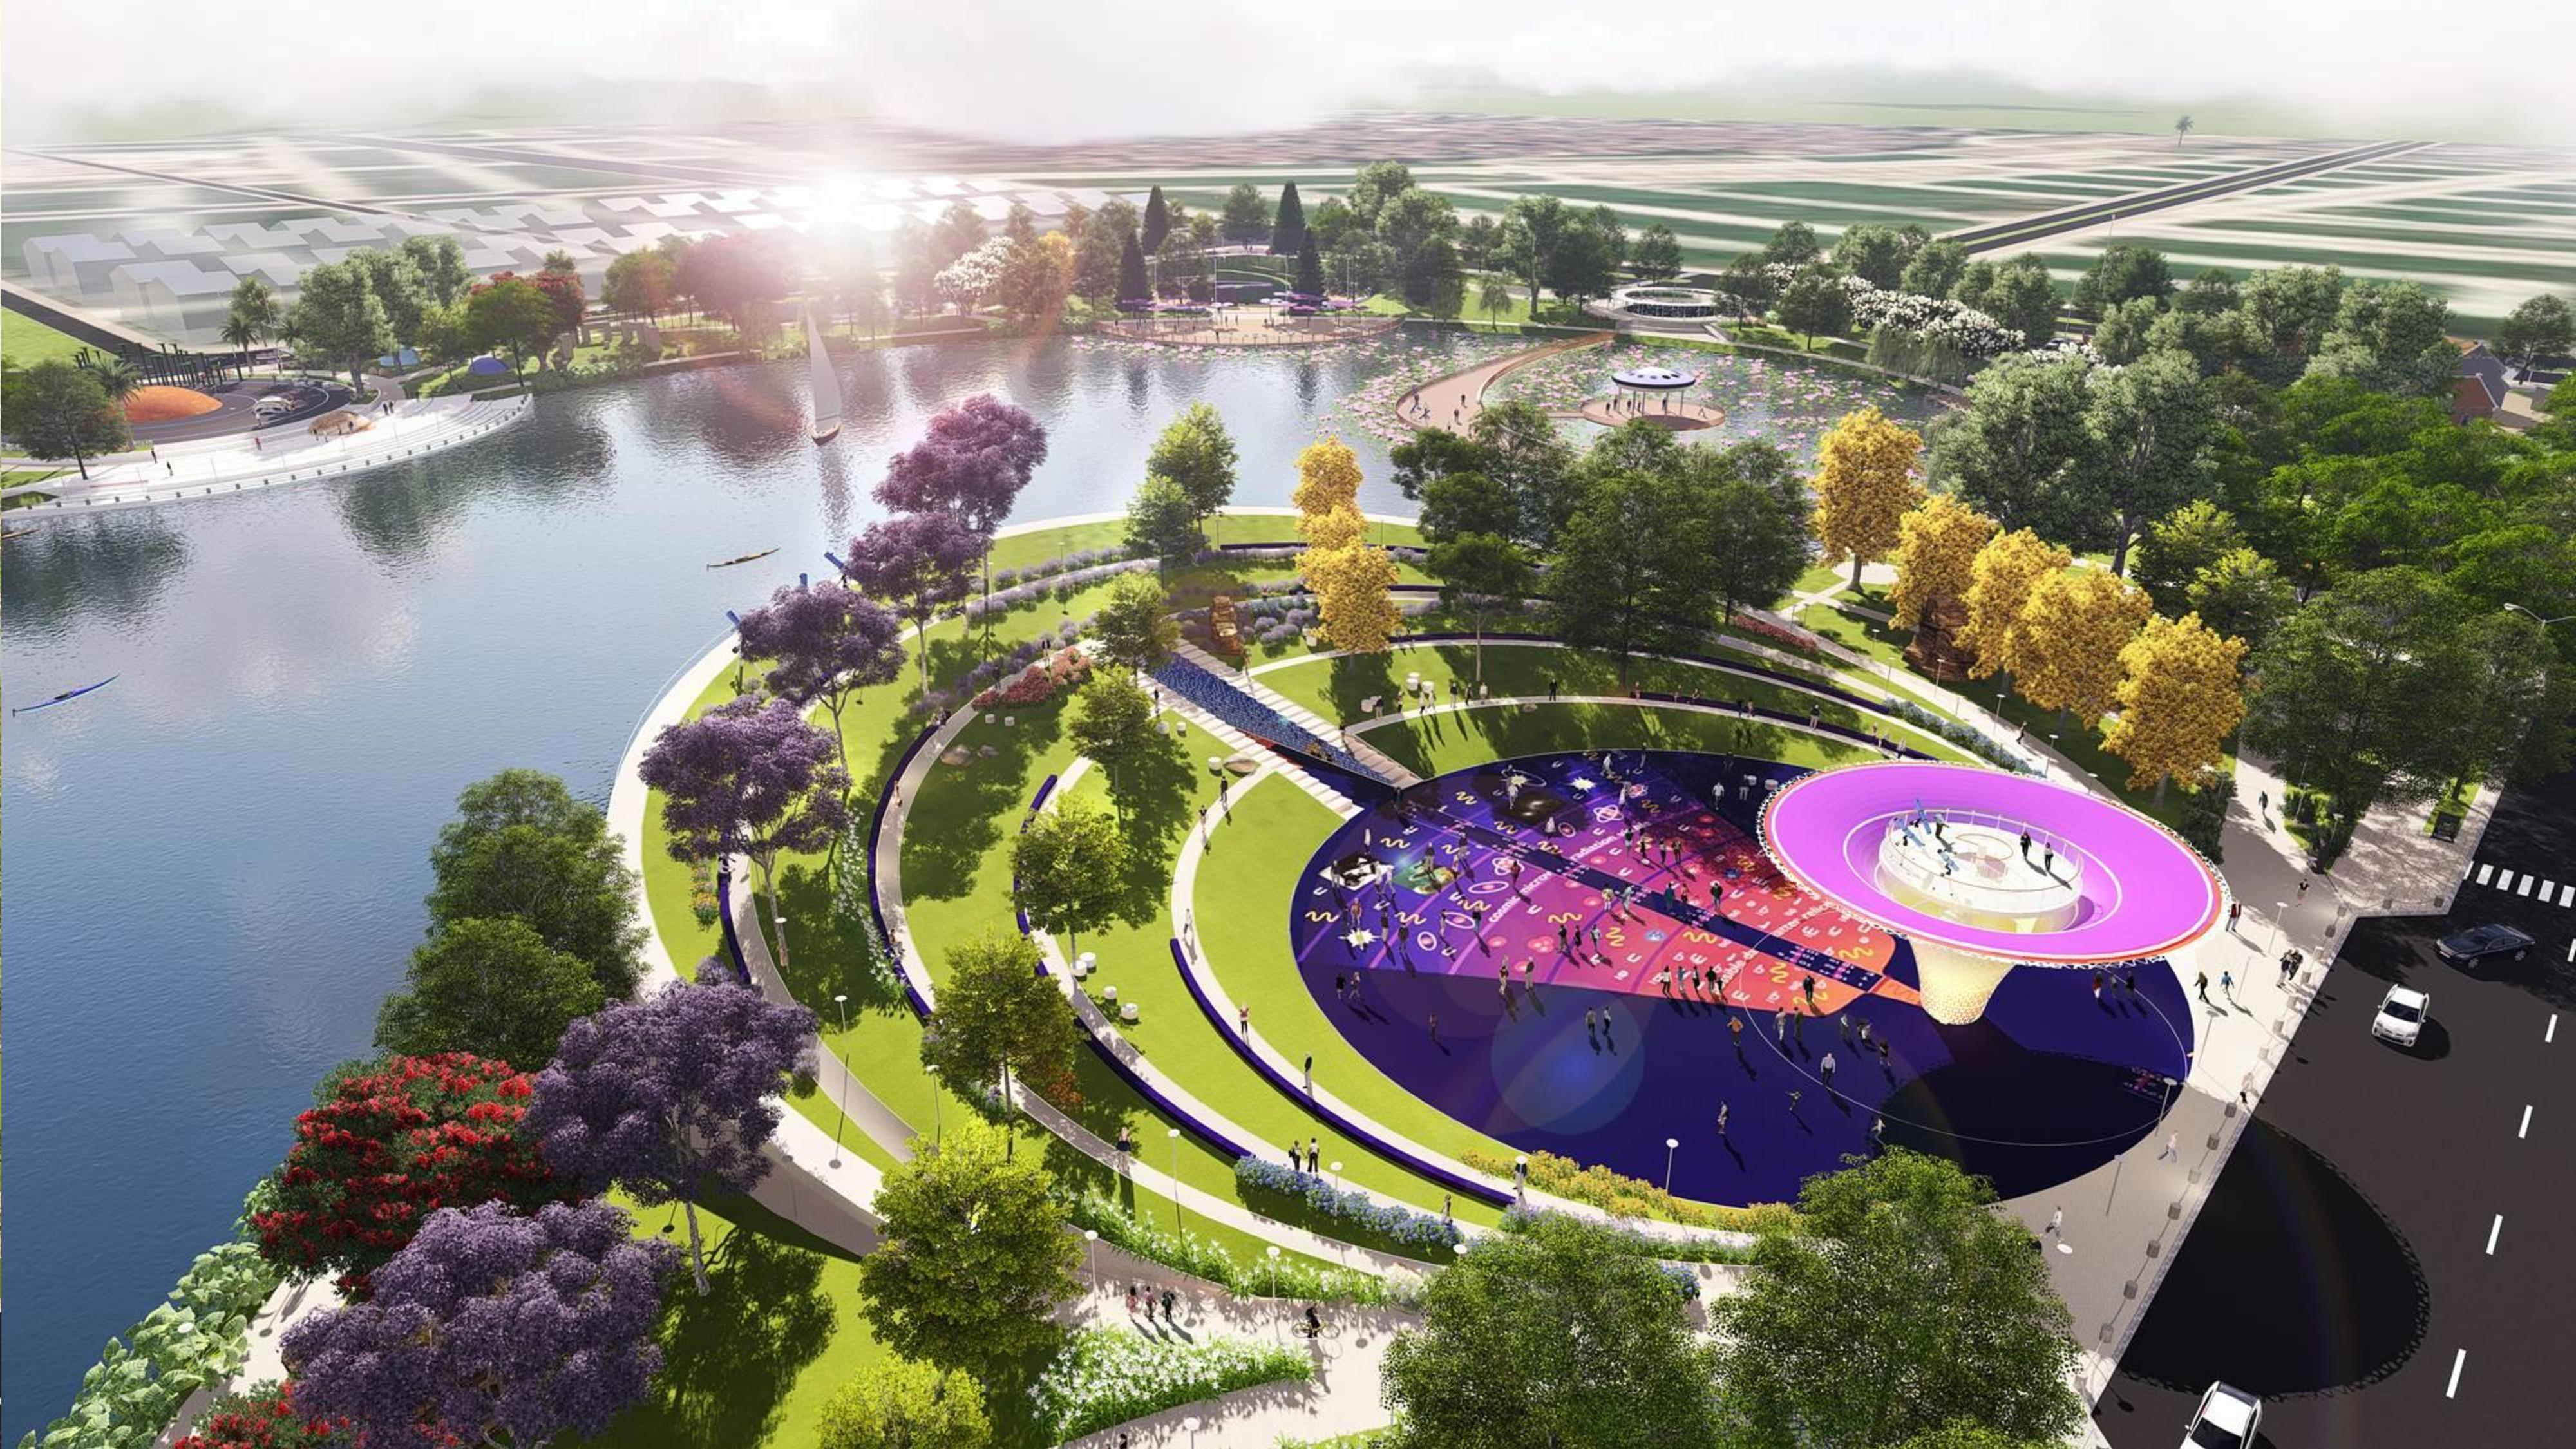 Dự án Chung cư Anland Lake View Dương Nội hồ bách hợp thủy